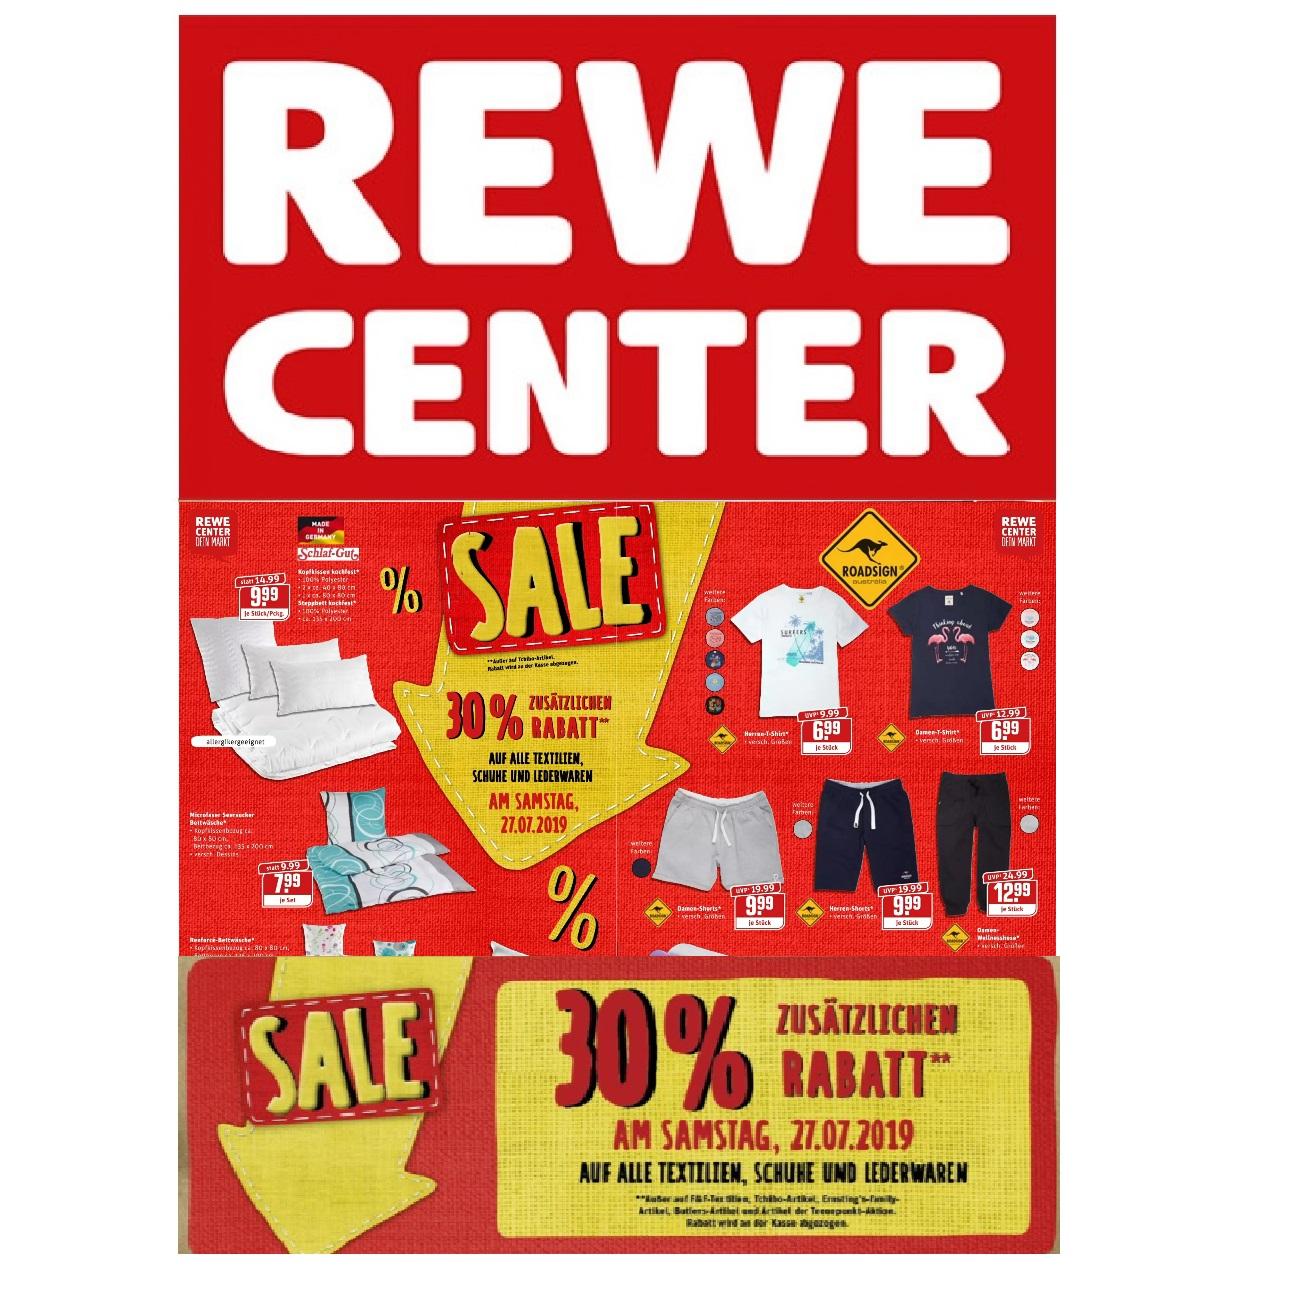 (offline) Rewe-Center: Samstag 30% Rabatt auf Textilien + 15-fach Paybackpunkte möglich!